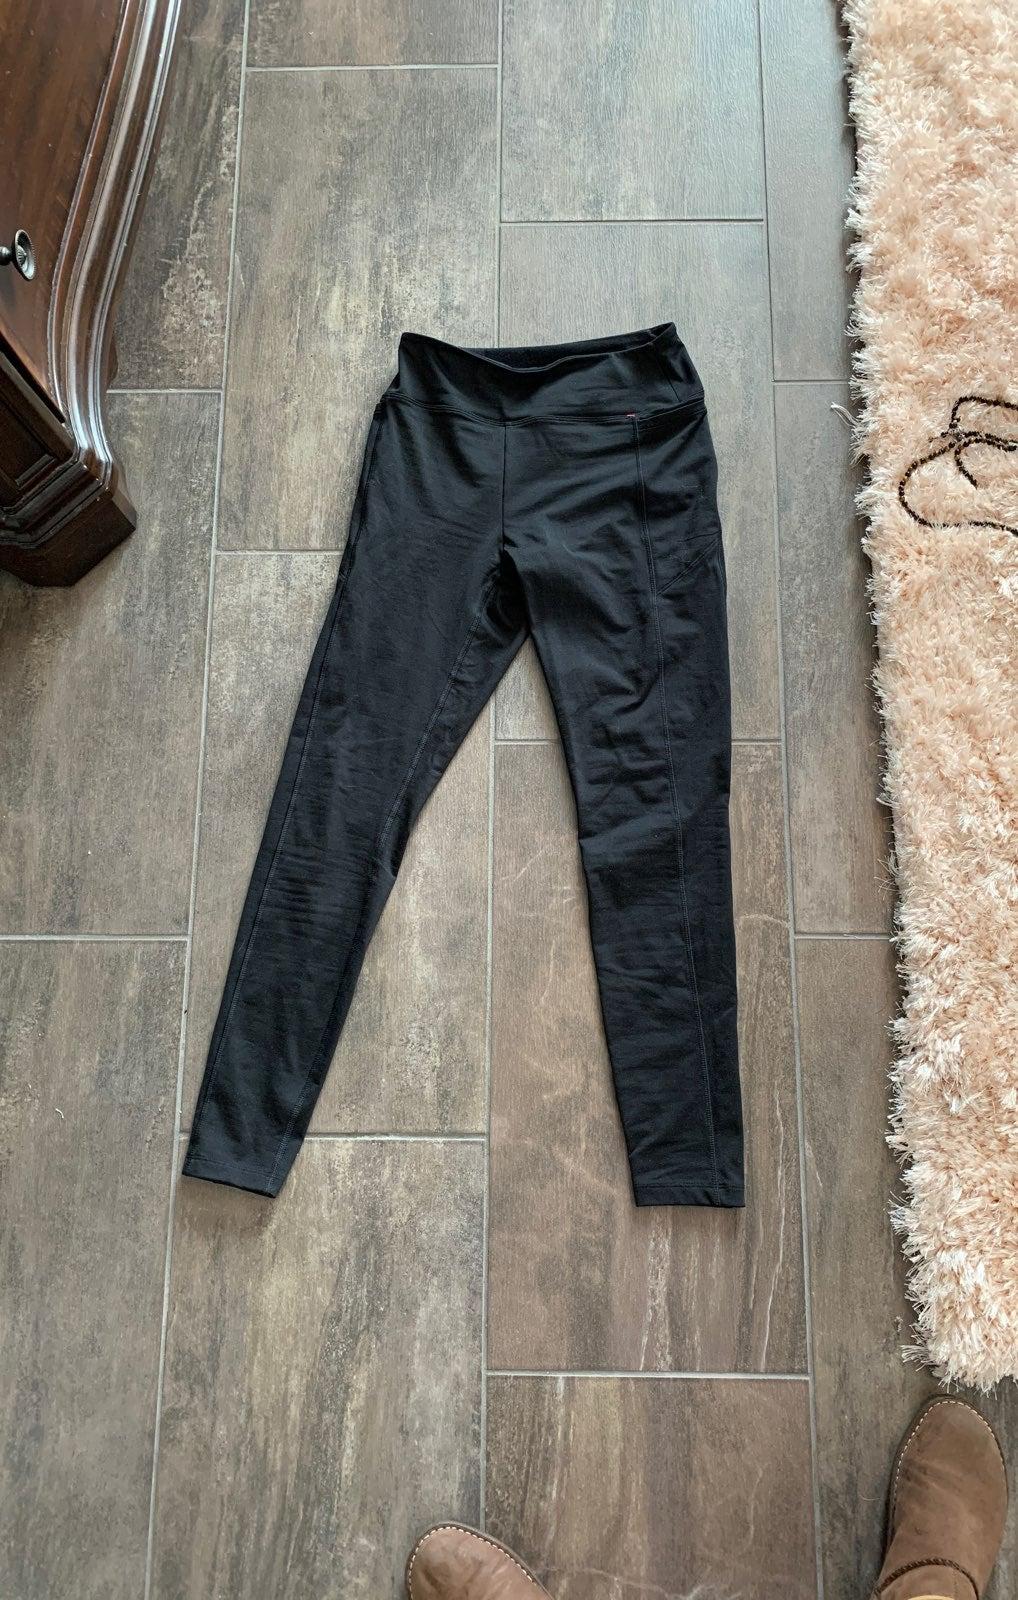 PINK victoria secret leggings cozy